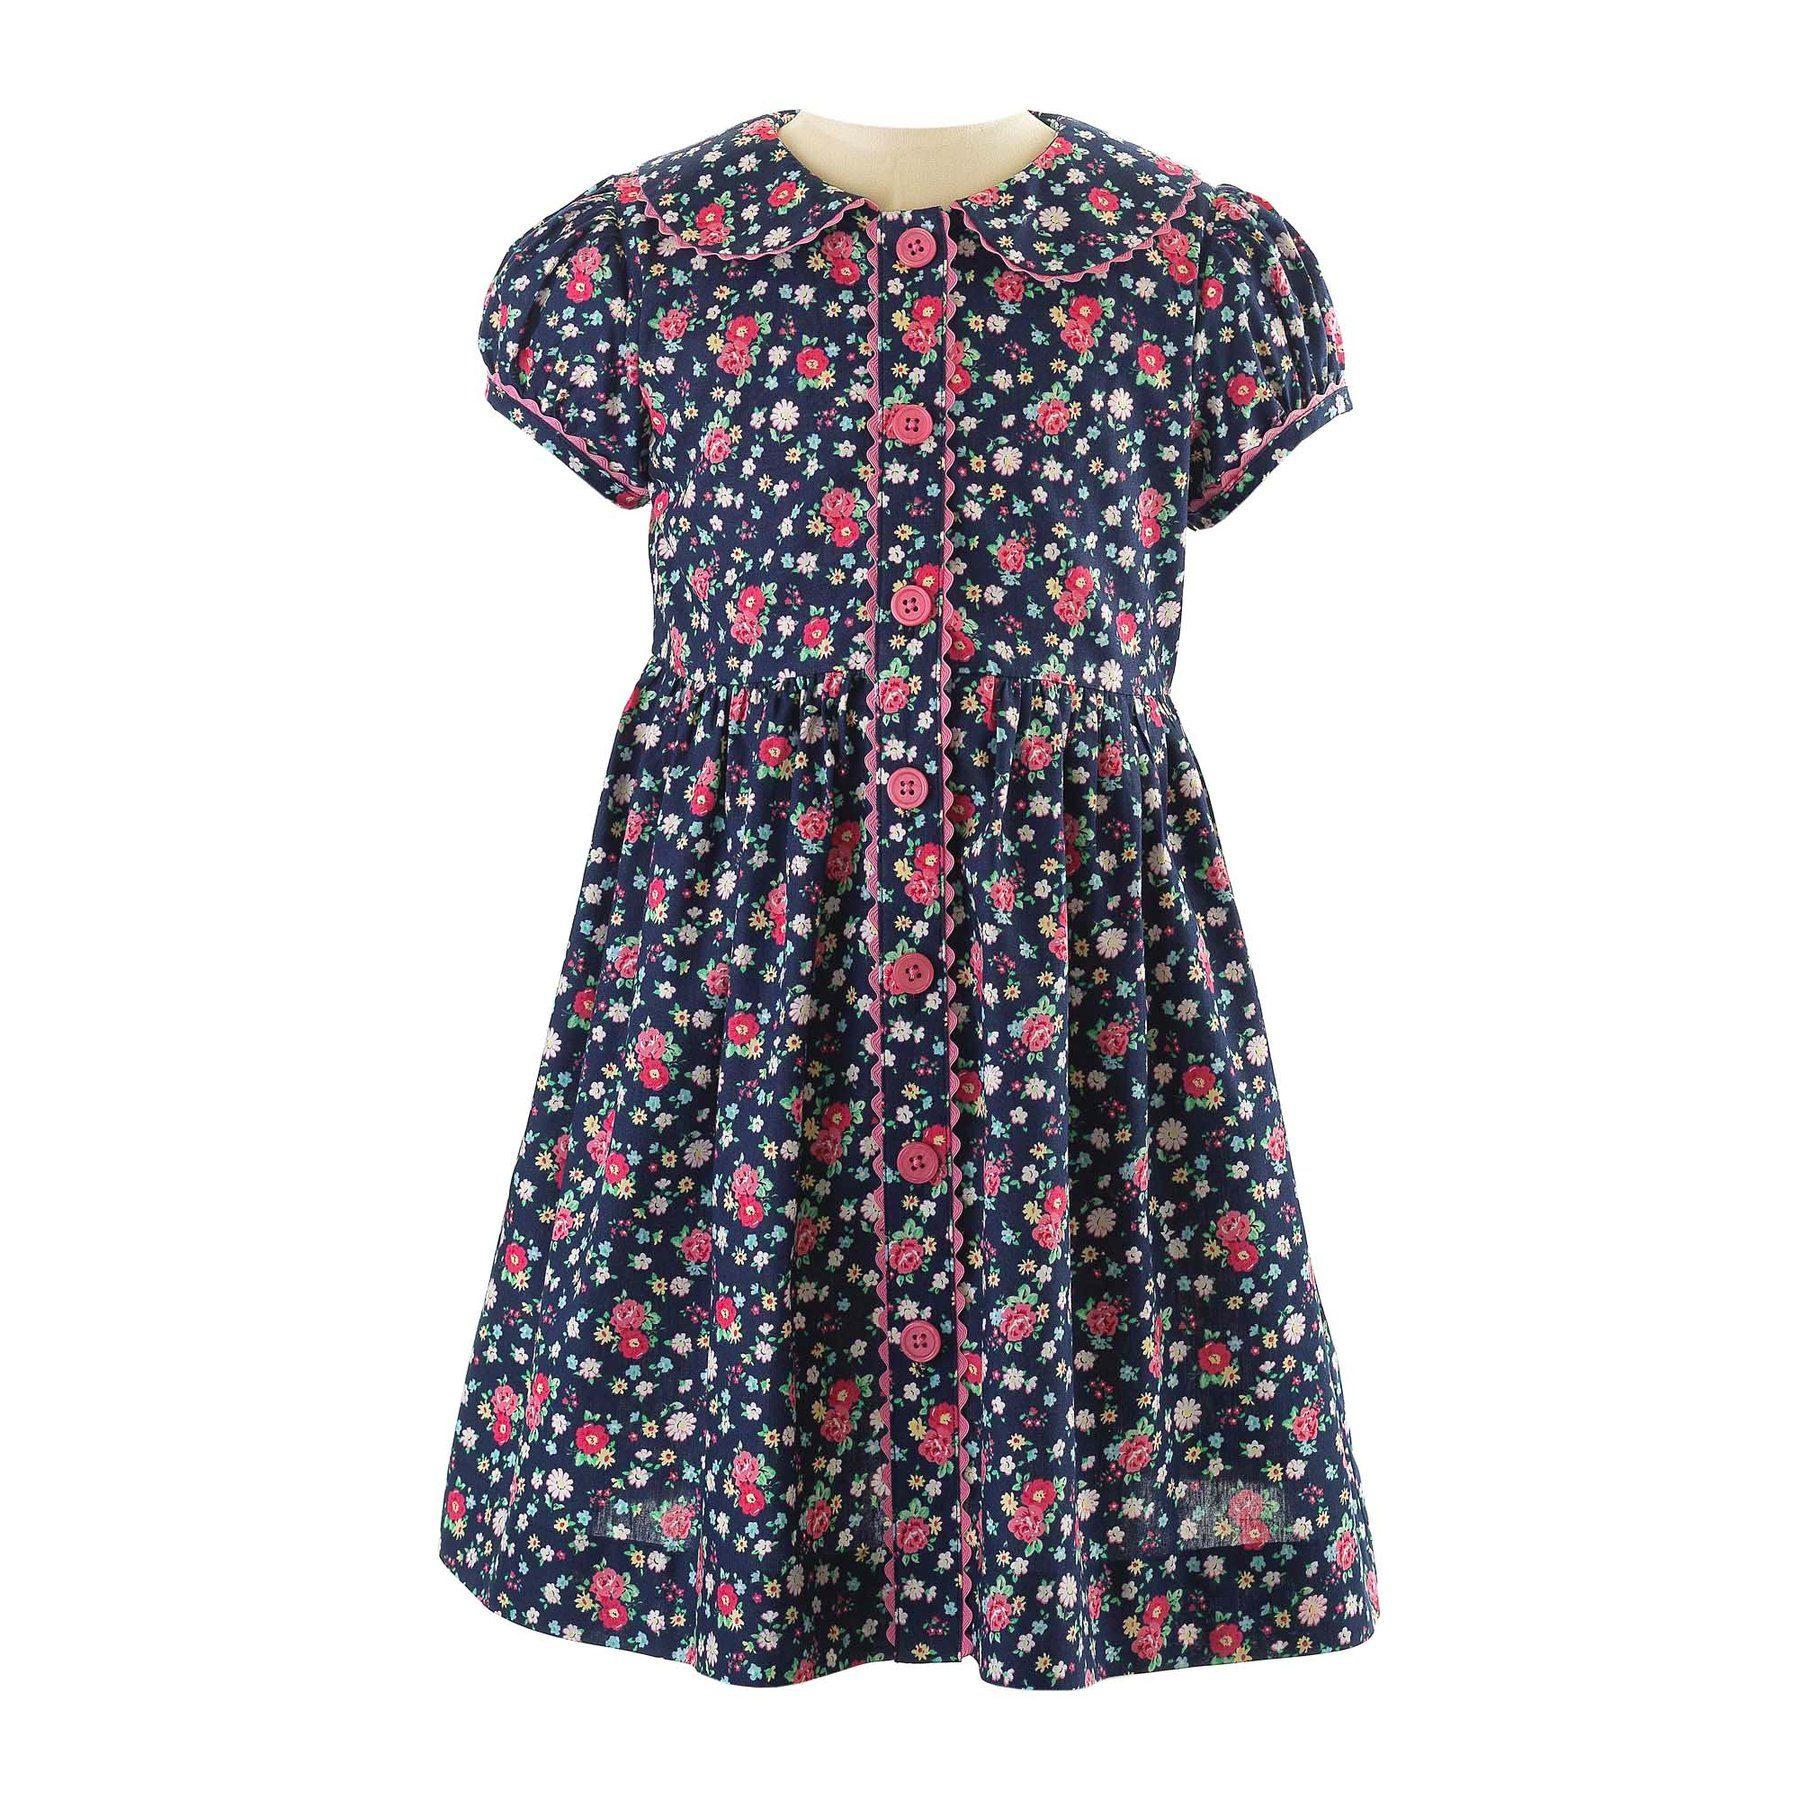 Floral Button–Front Dress, Rachel Riley